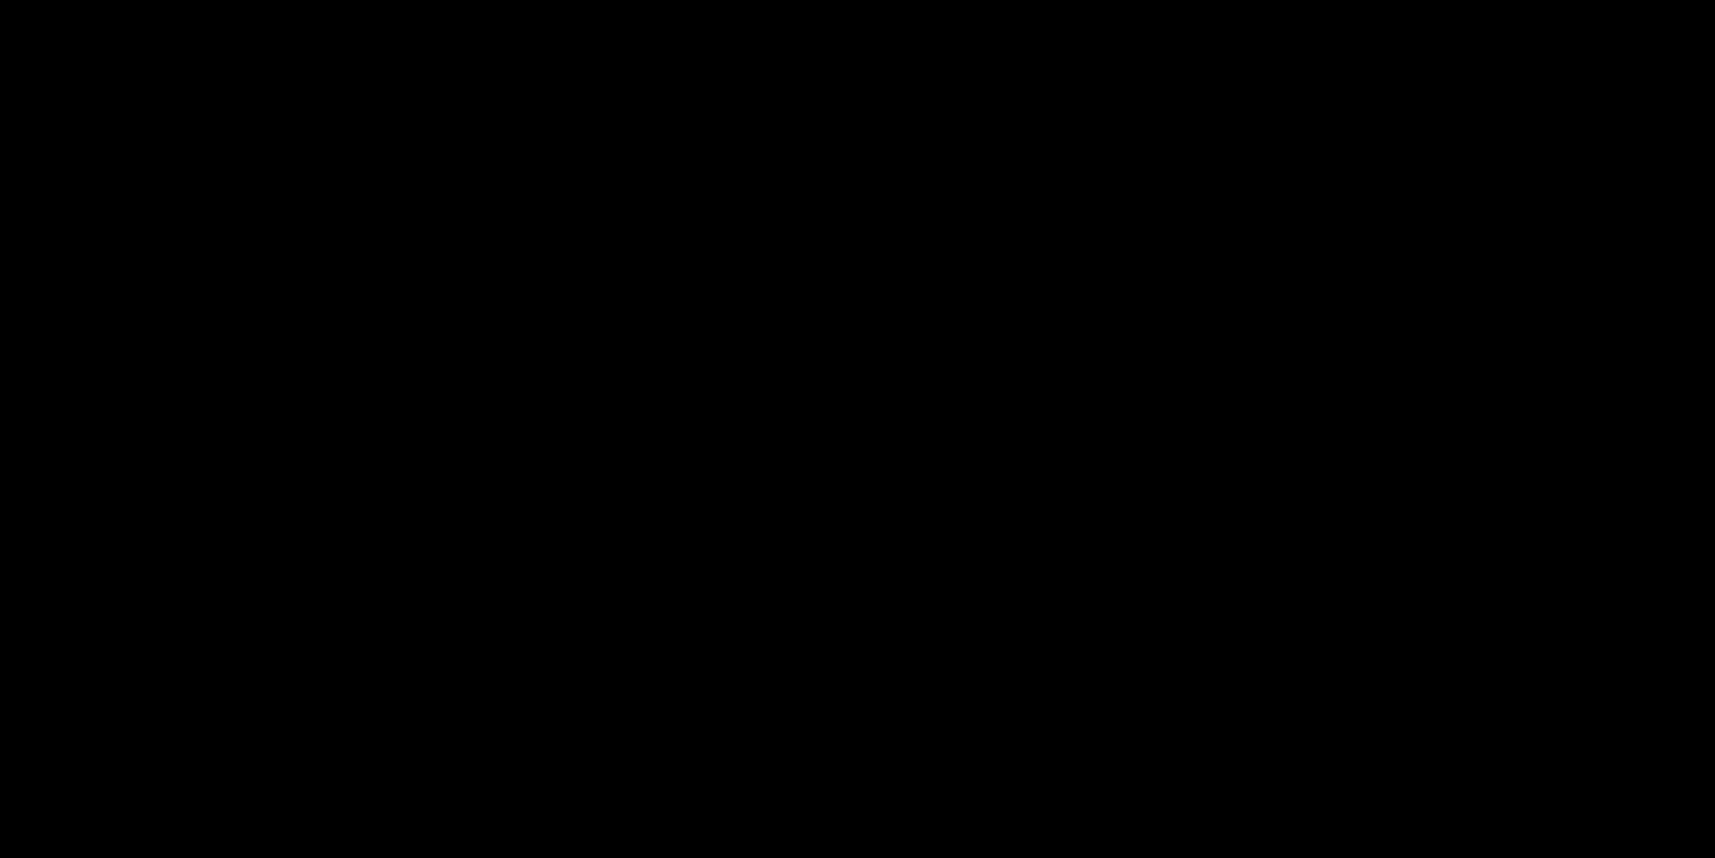 一般的なセンサーブロックの構成